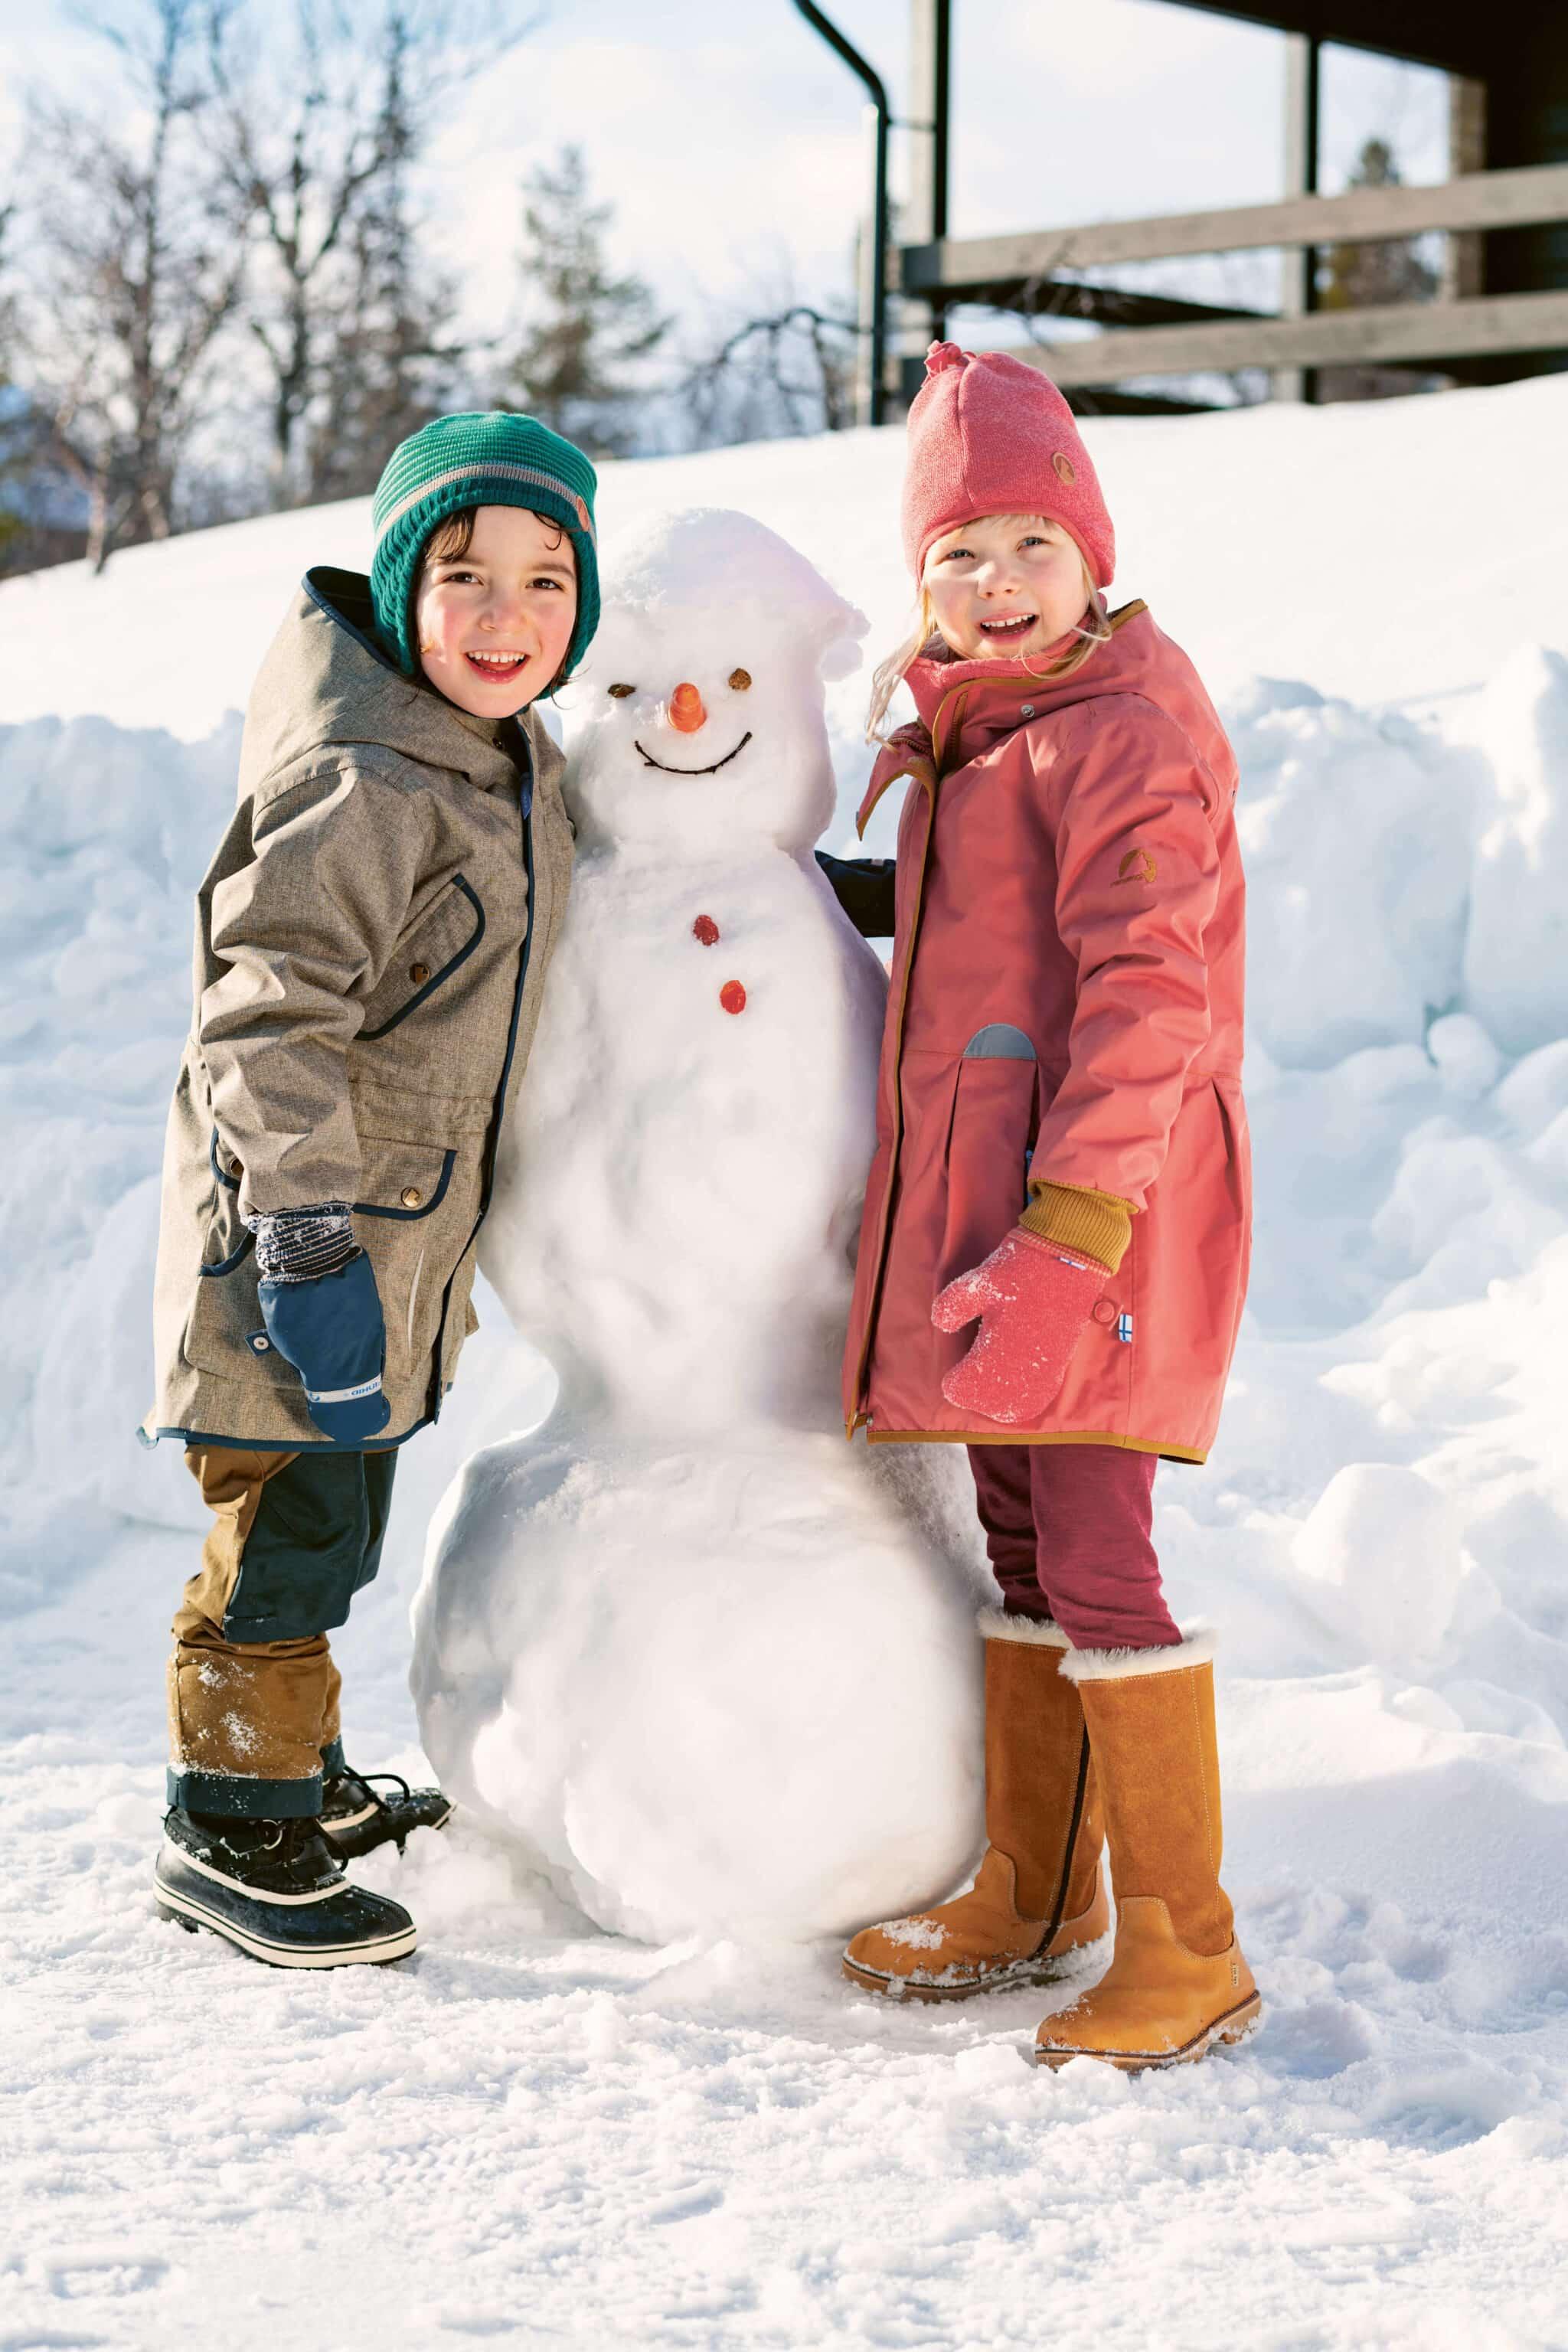 KleinerWald Waldkindergarten Waldkindi Waki Online Shop Outdoor Kids Mode finkid Kaveri Winterjacke 2 in 1 Jacke Funktionsjacke AINA